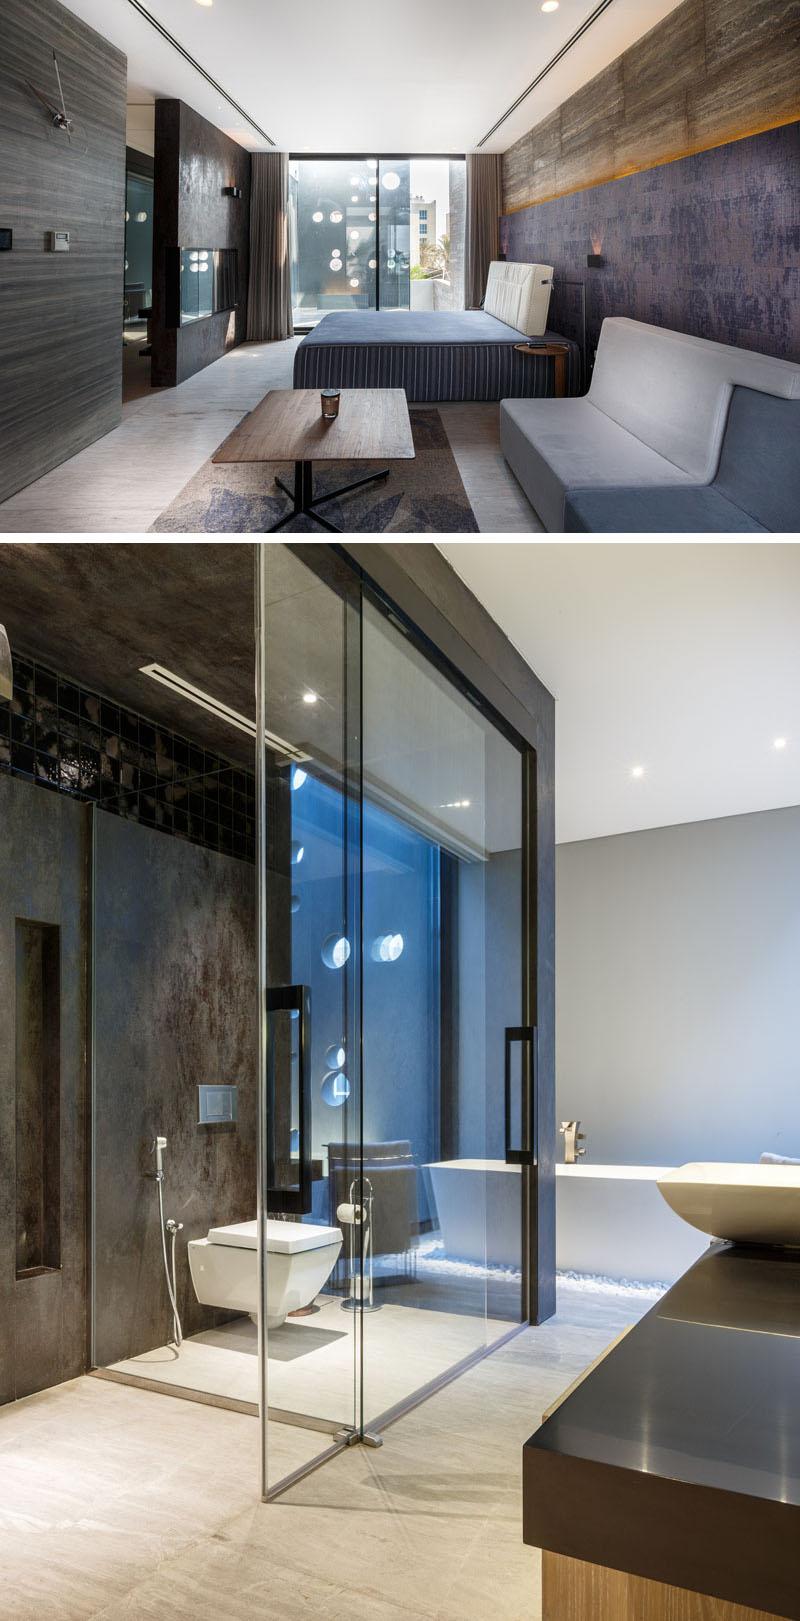 sala-de-banho-com-banheira-casa-em-amwaj-bahrein